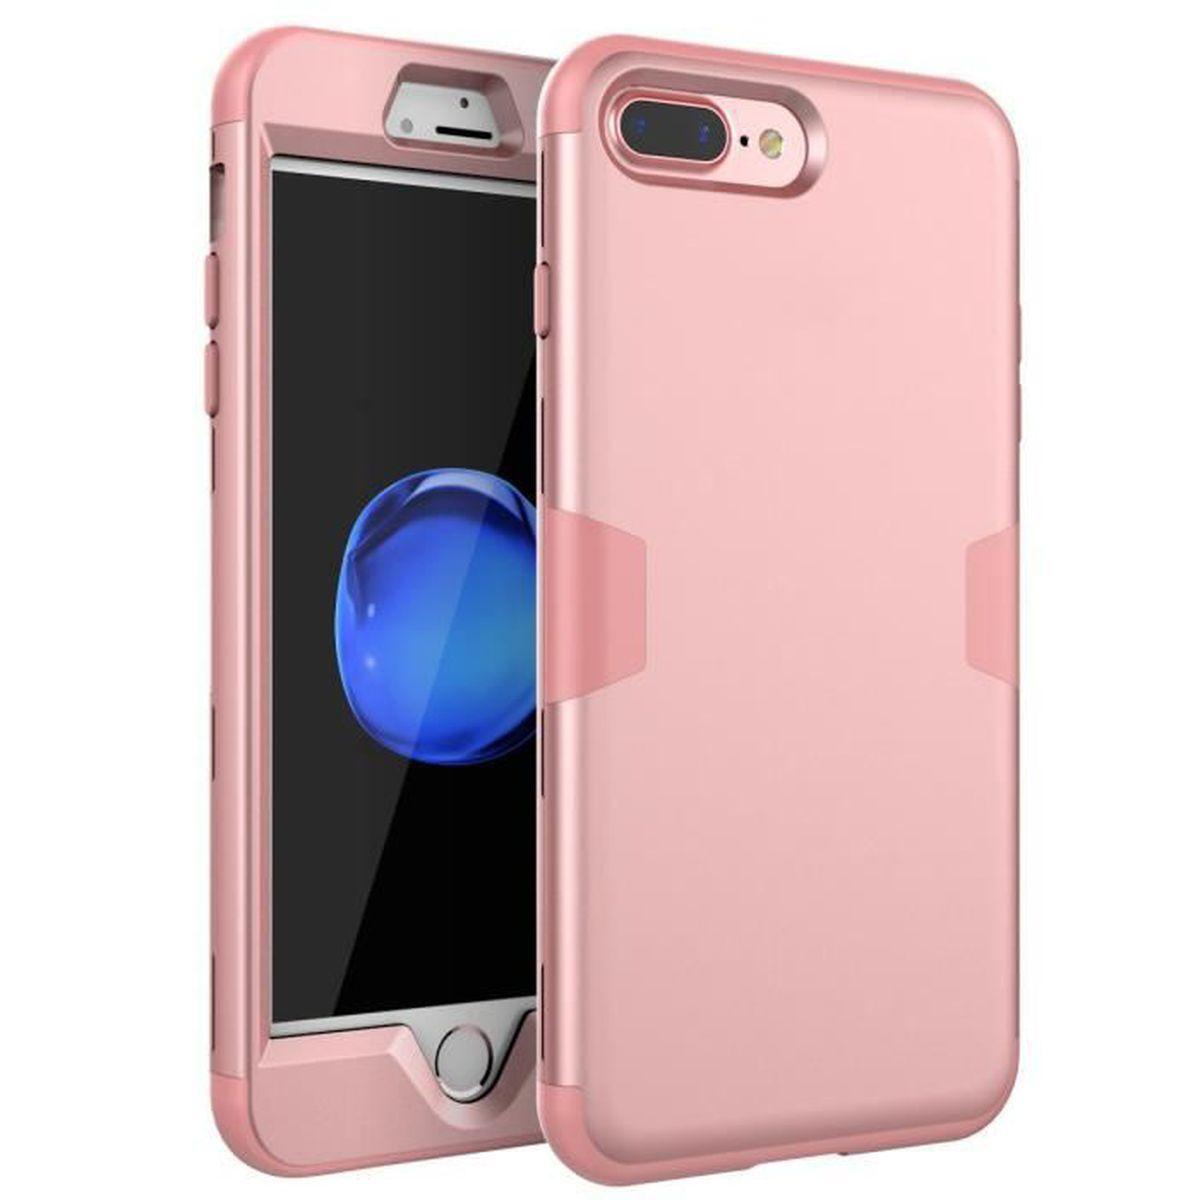 COQUE - BUMPER Coque iPhone 7 Plus, Coque iPhone 8 Plus, Coque de